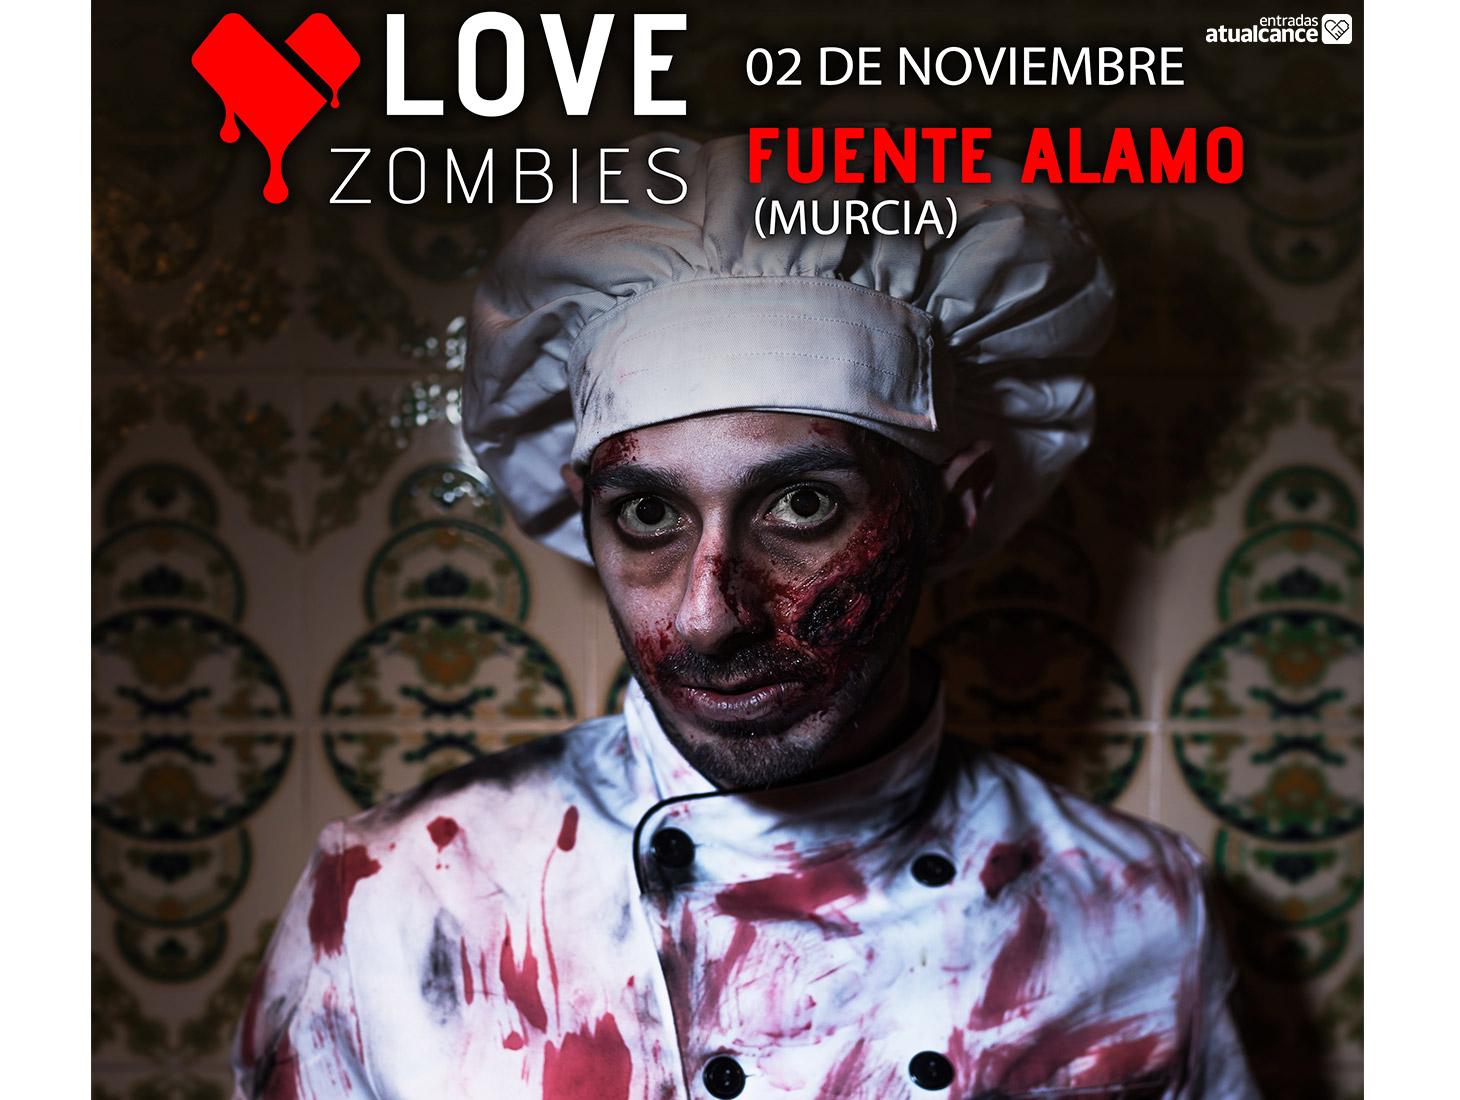 love-zombie-fuente-alamo-5d8107ae9c03d.j